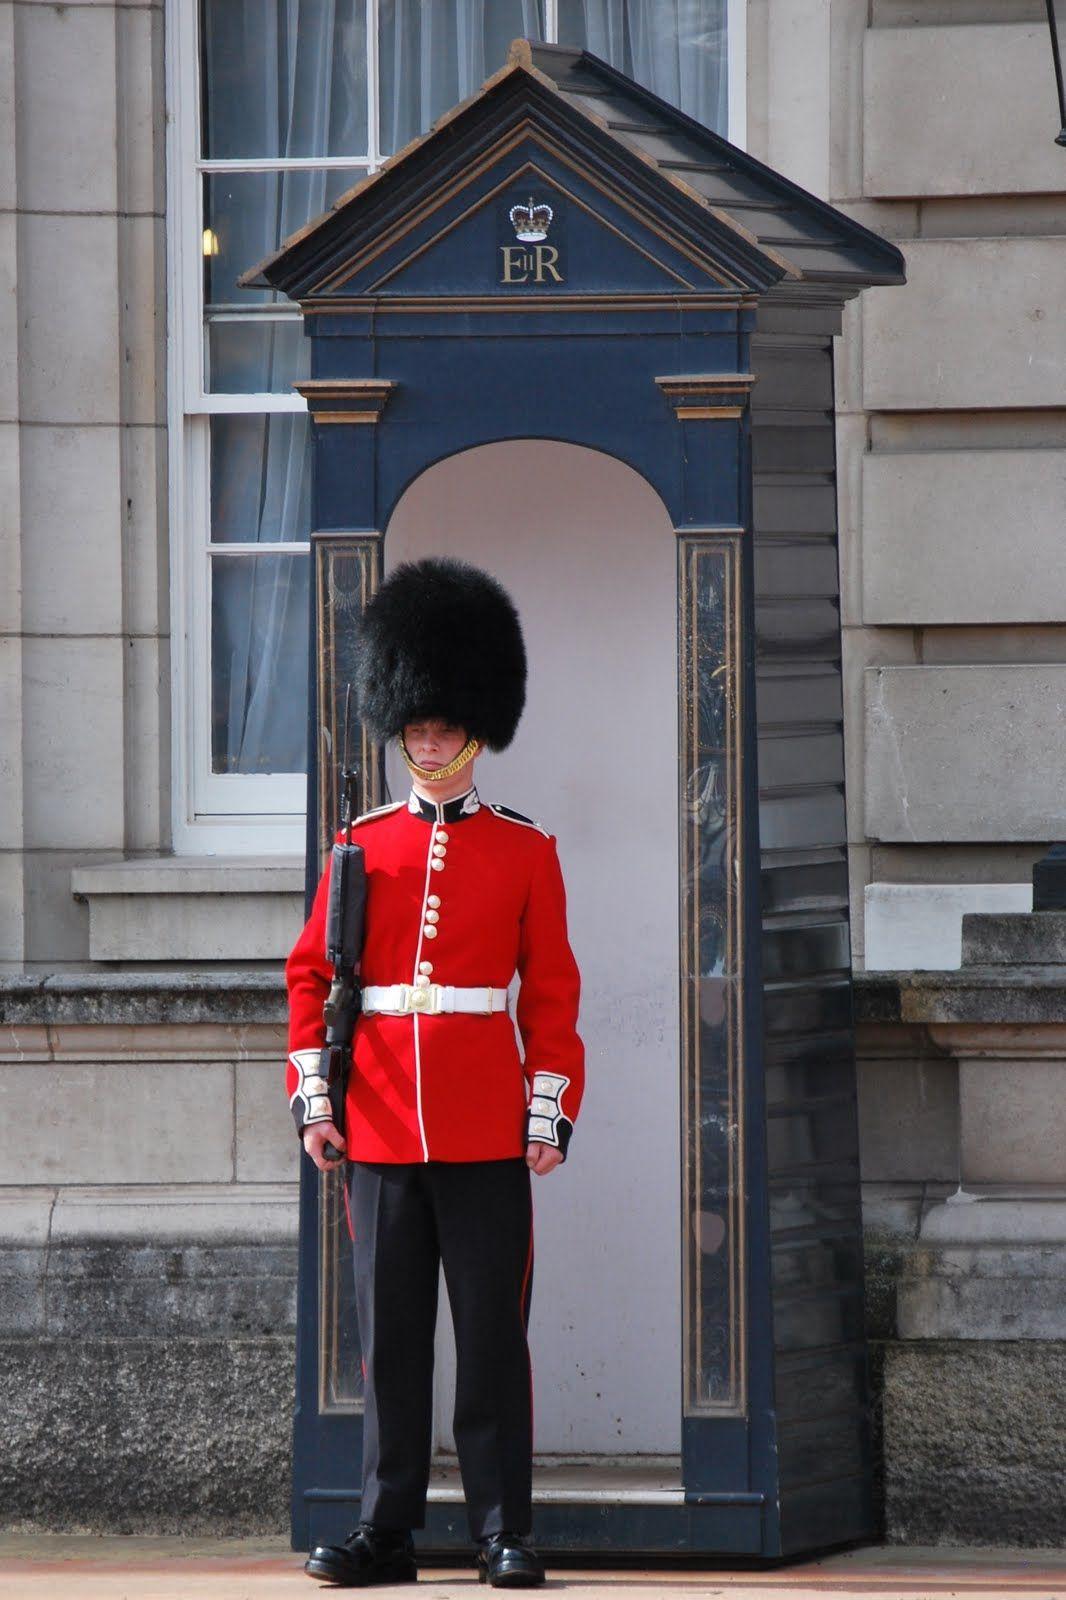 London guard travels pinterest palace for La petite maison leura